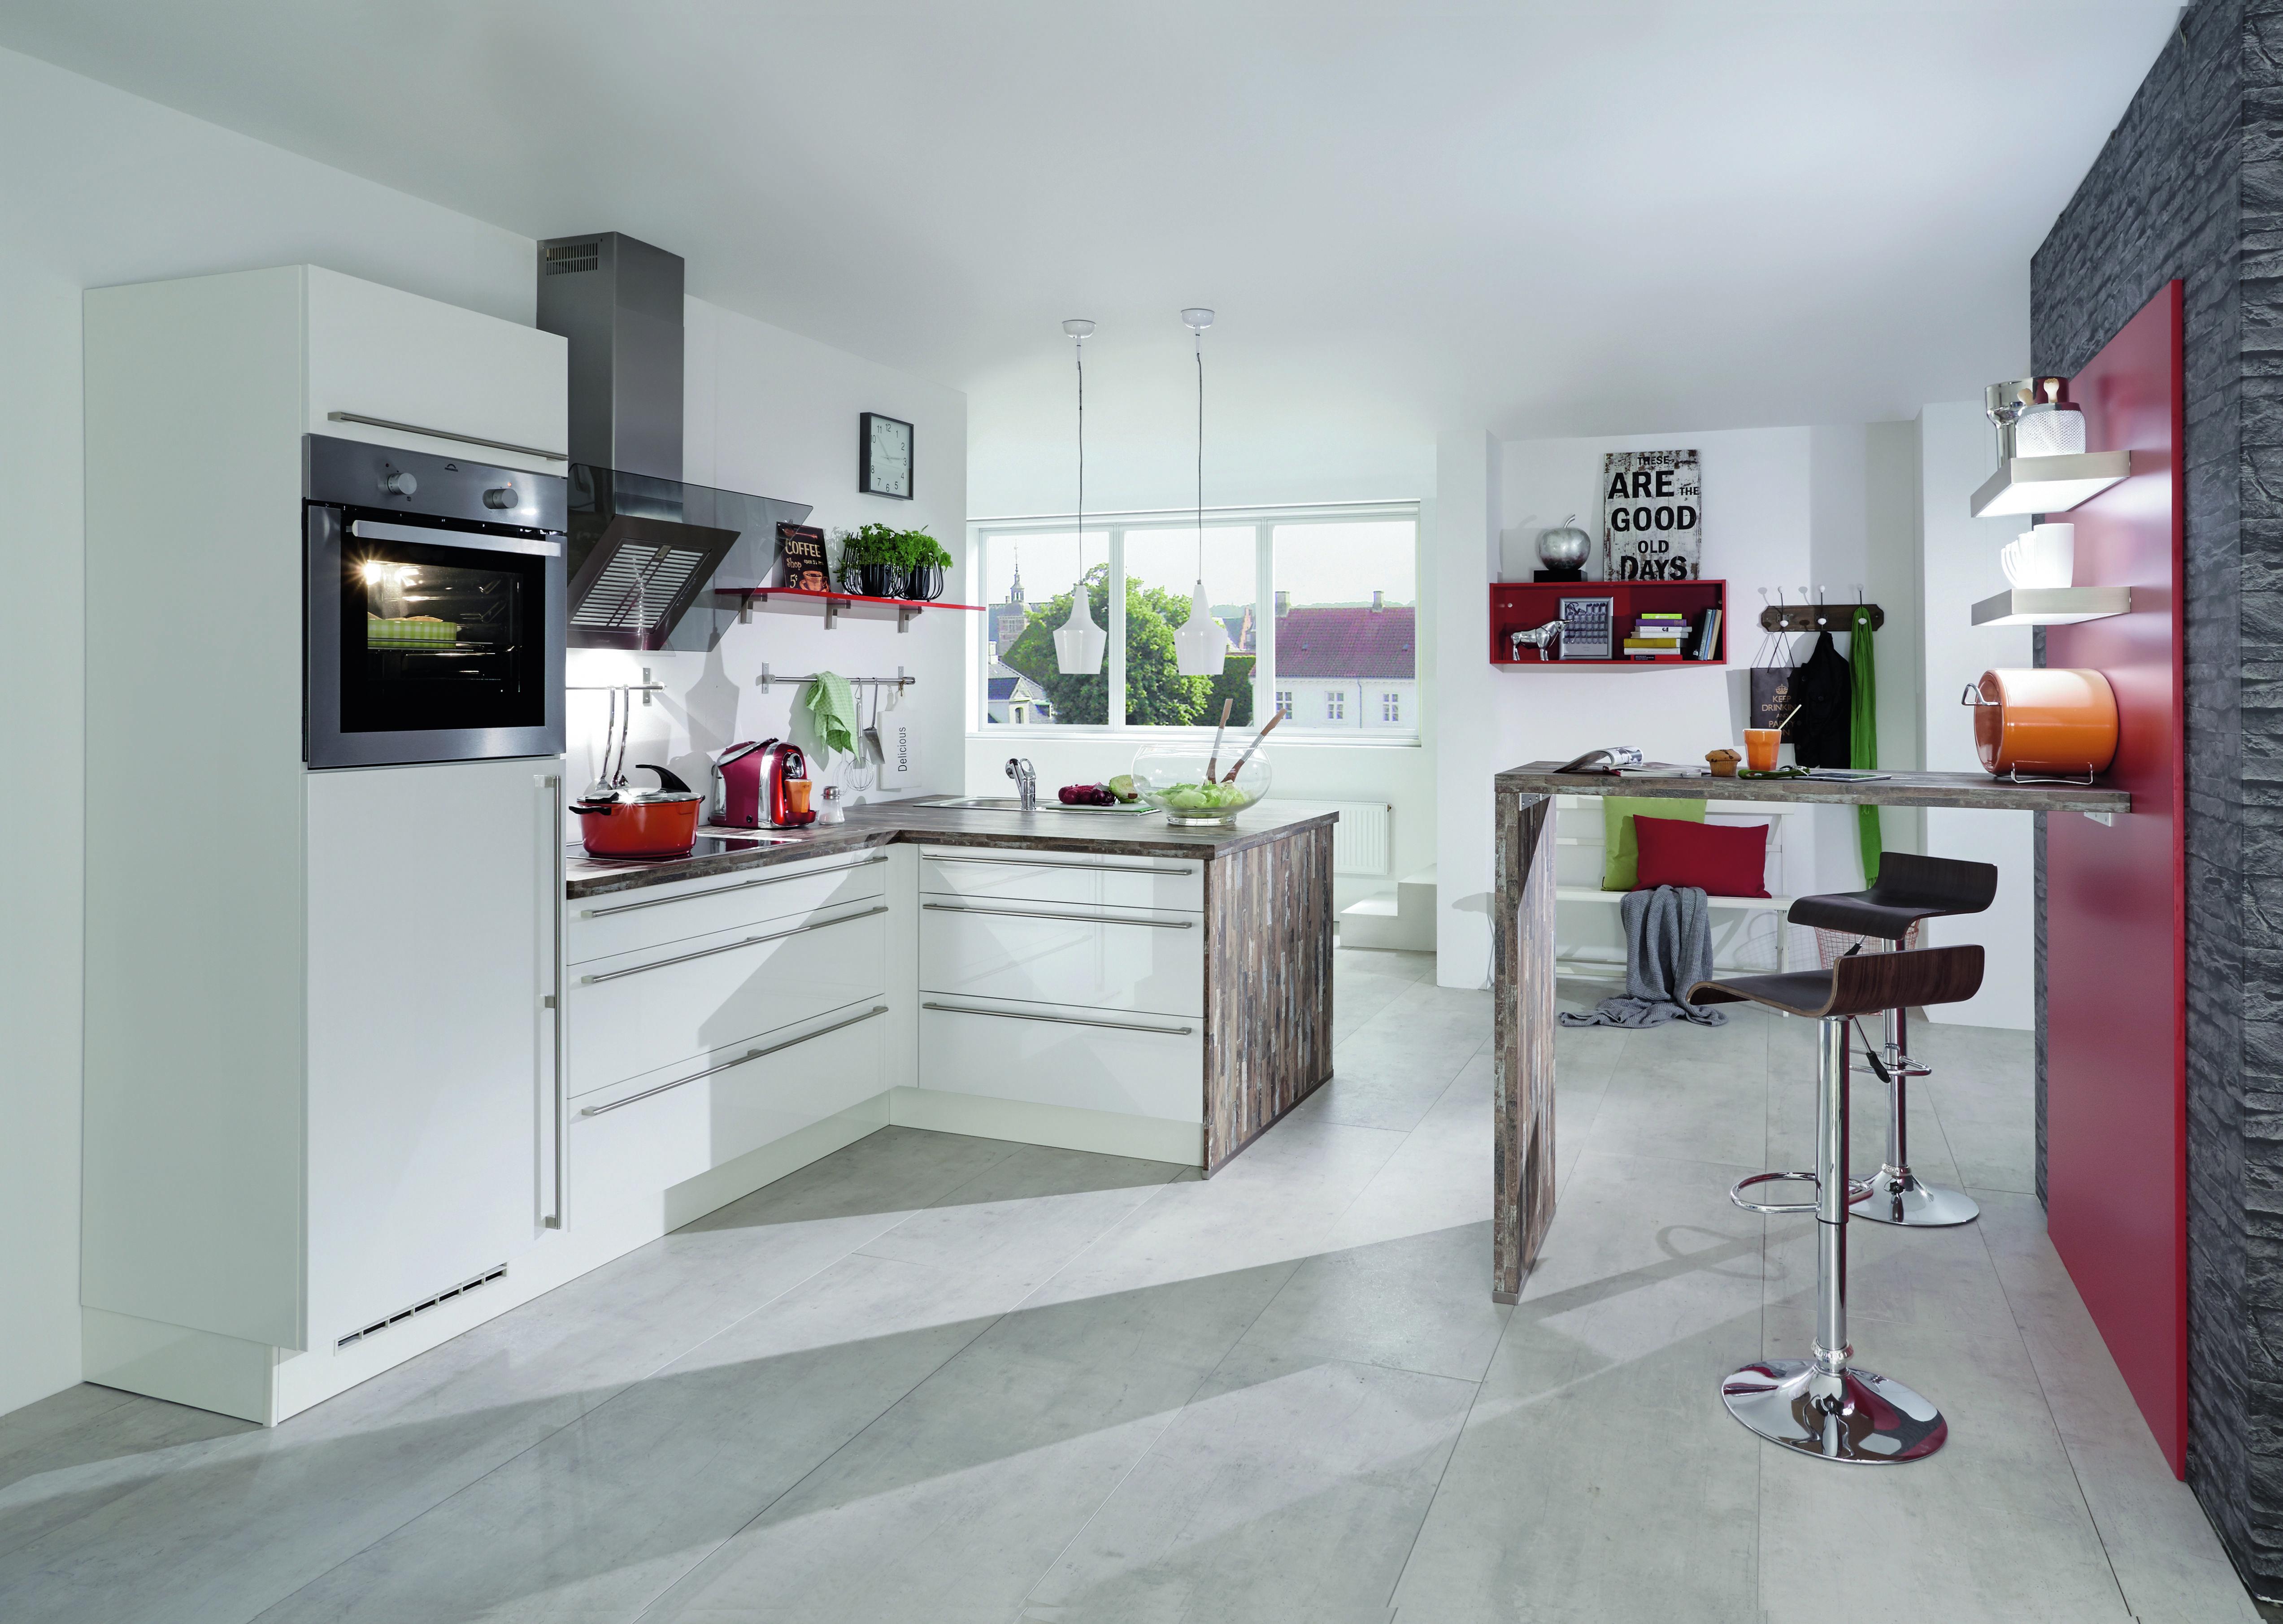 Planungstipps für kleine Küchen - Küche&Co